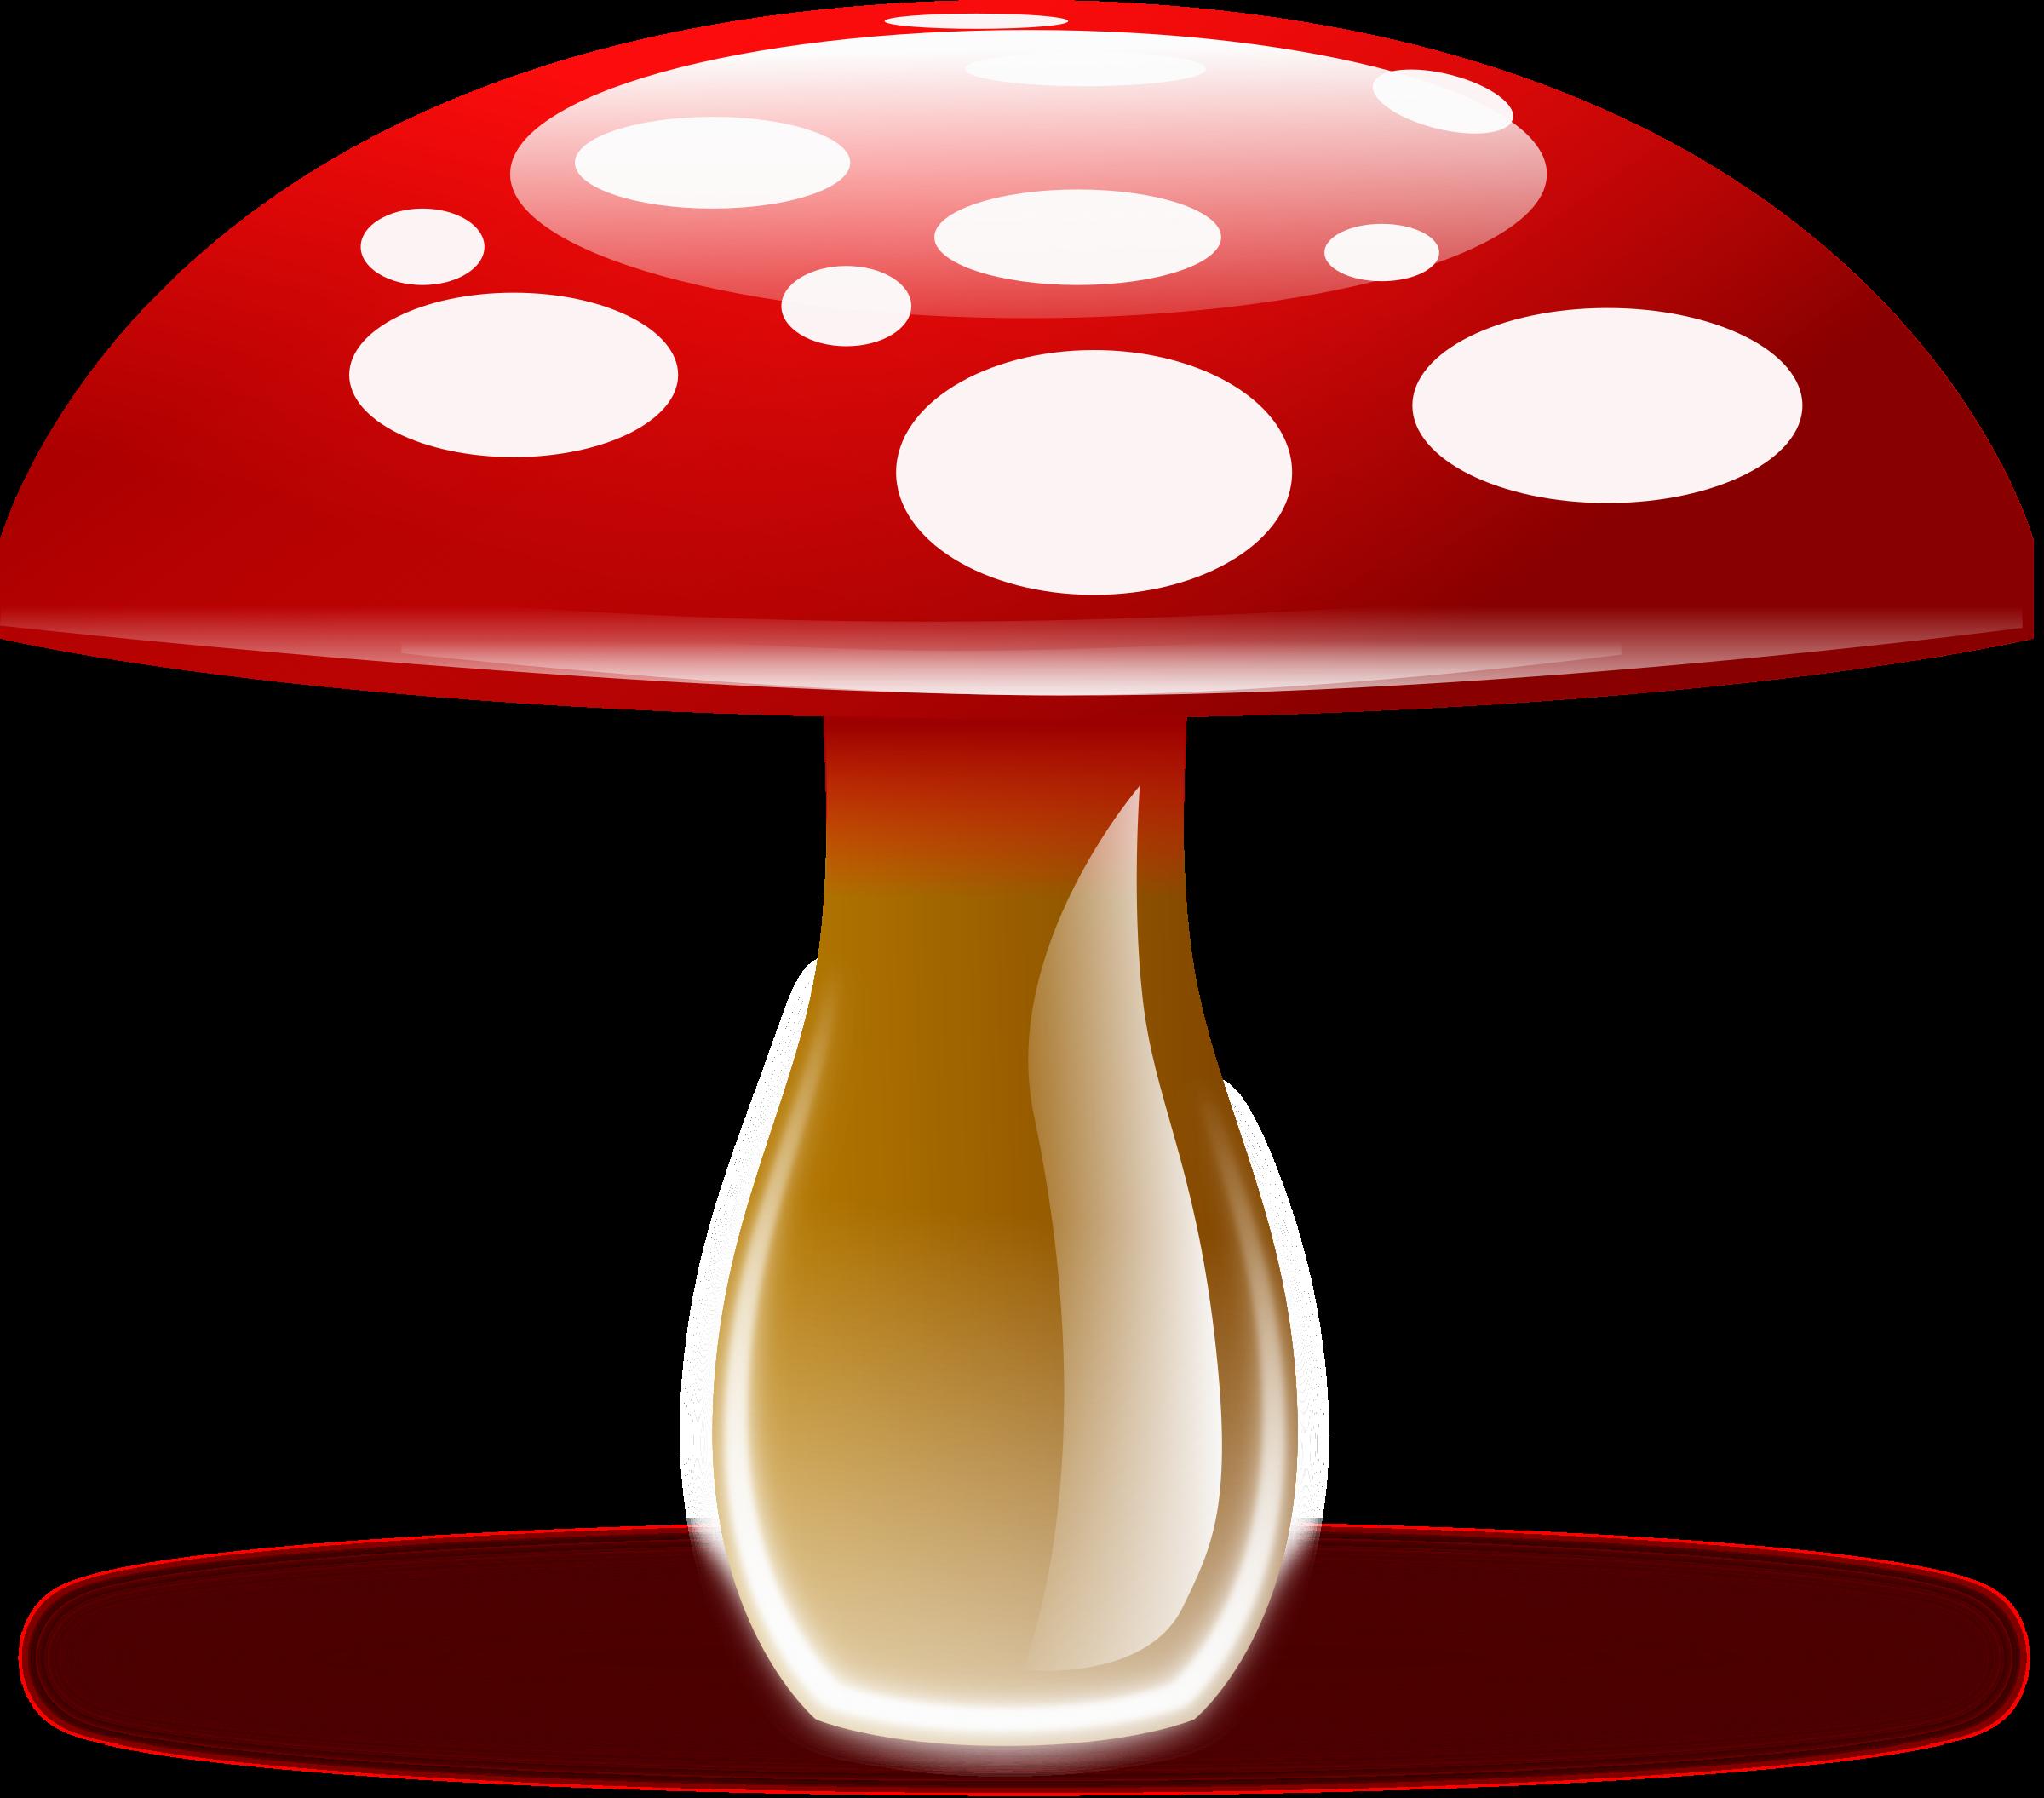 mushroom png - Google-søgning | clipart mushrooms | Pinterest svg transparent library